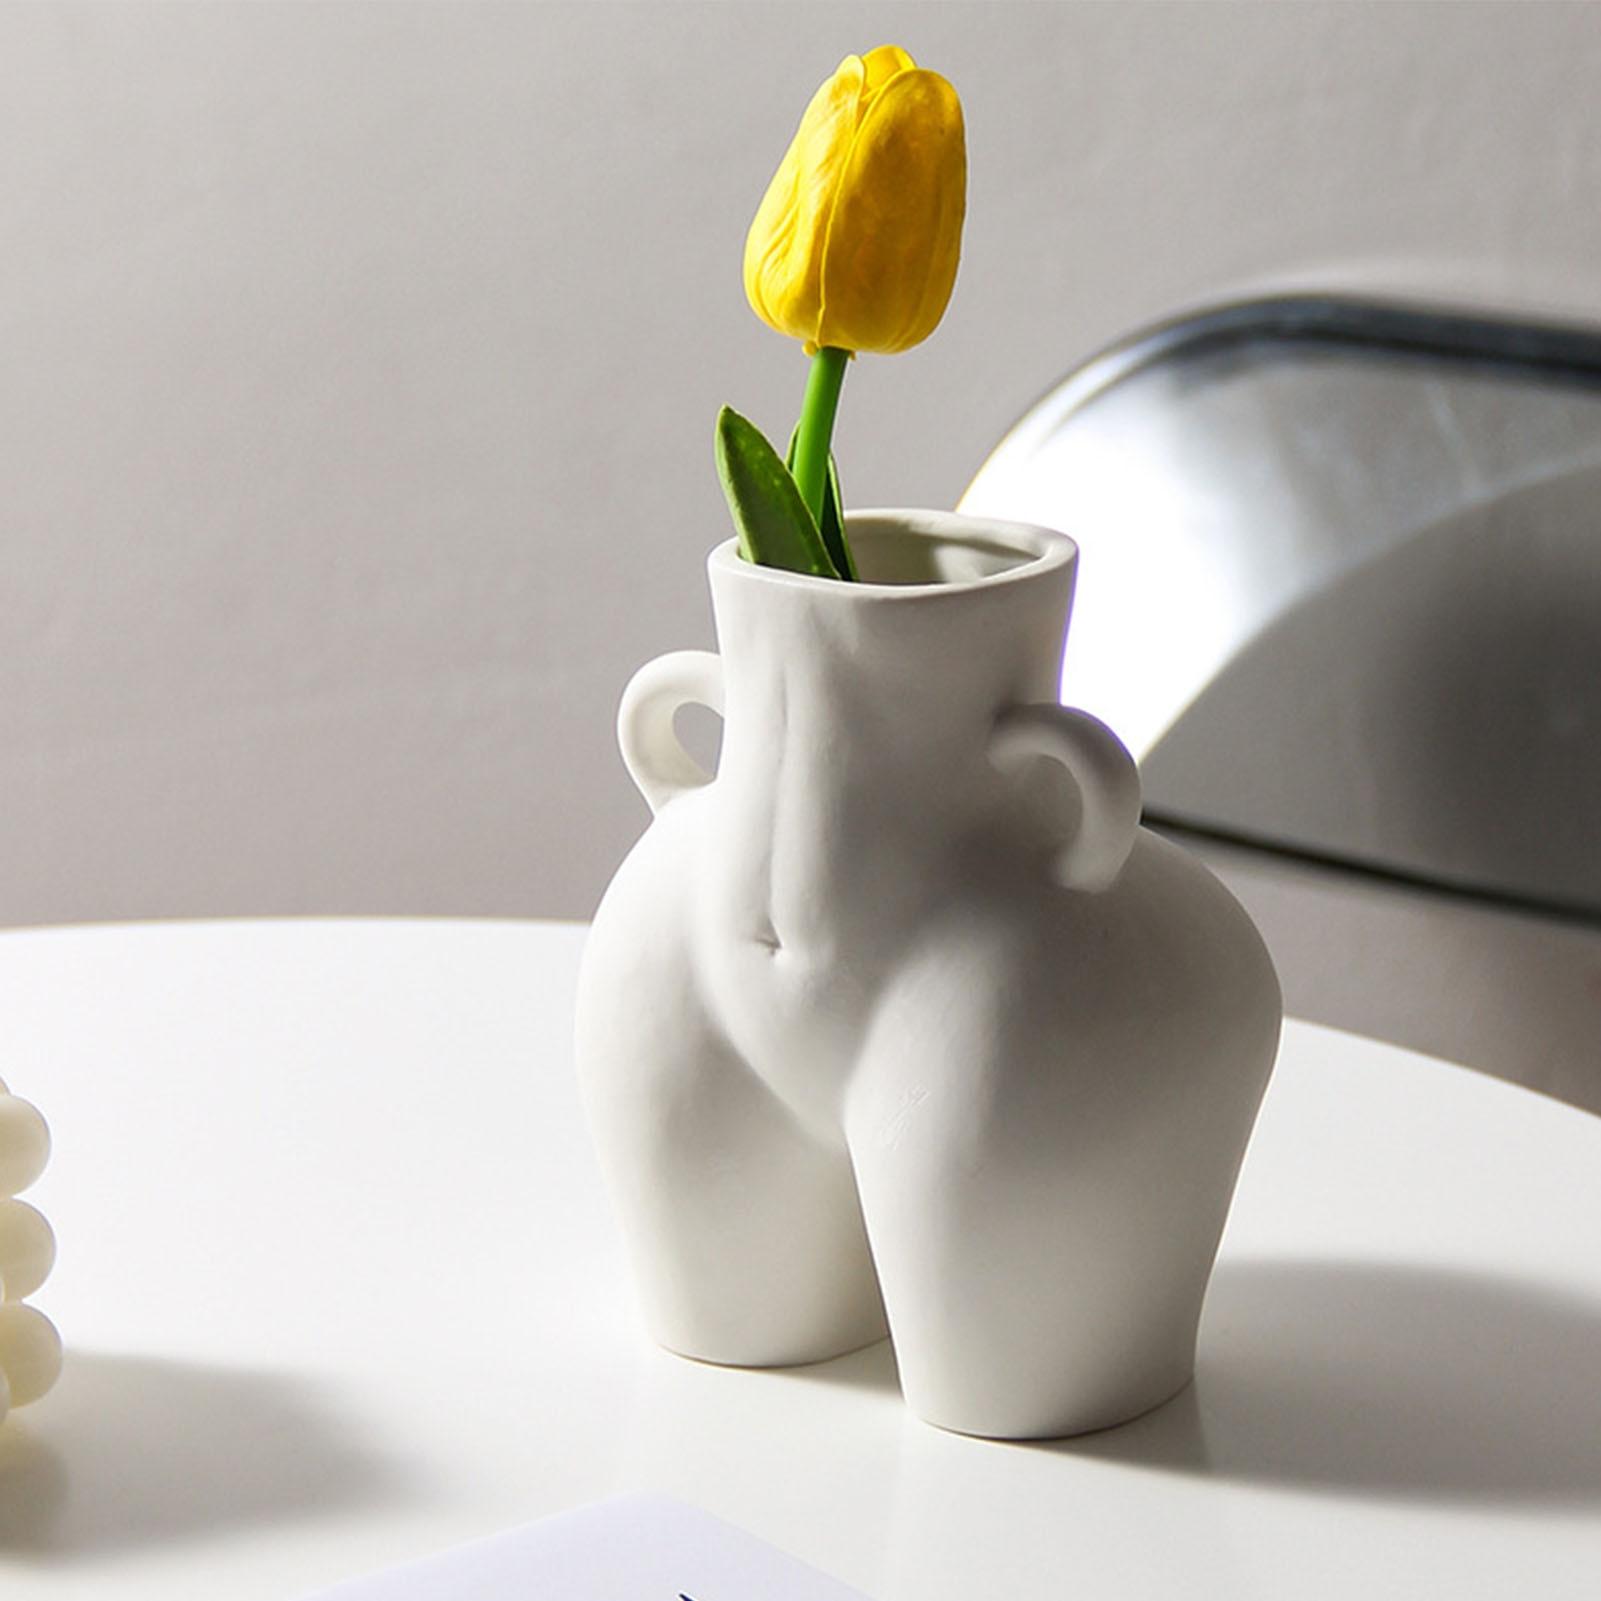 Ludzki wazon tyłek nagie rękodzieło meble kwiat dekoracyjny do domu układ kobieta wazony na kwiaty Home Decor prezent